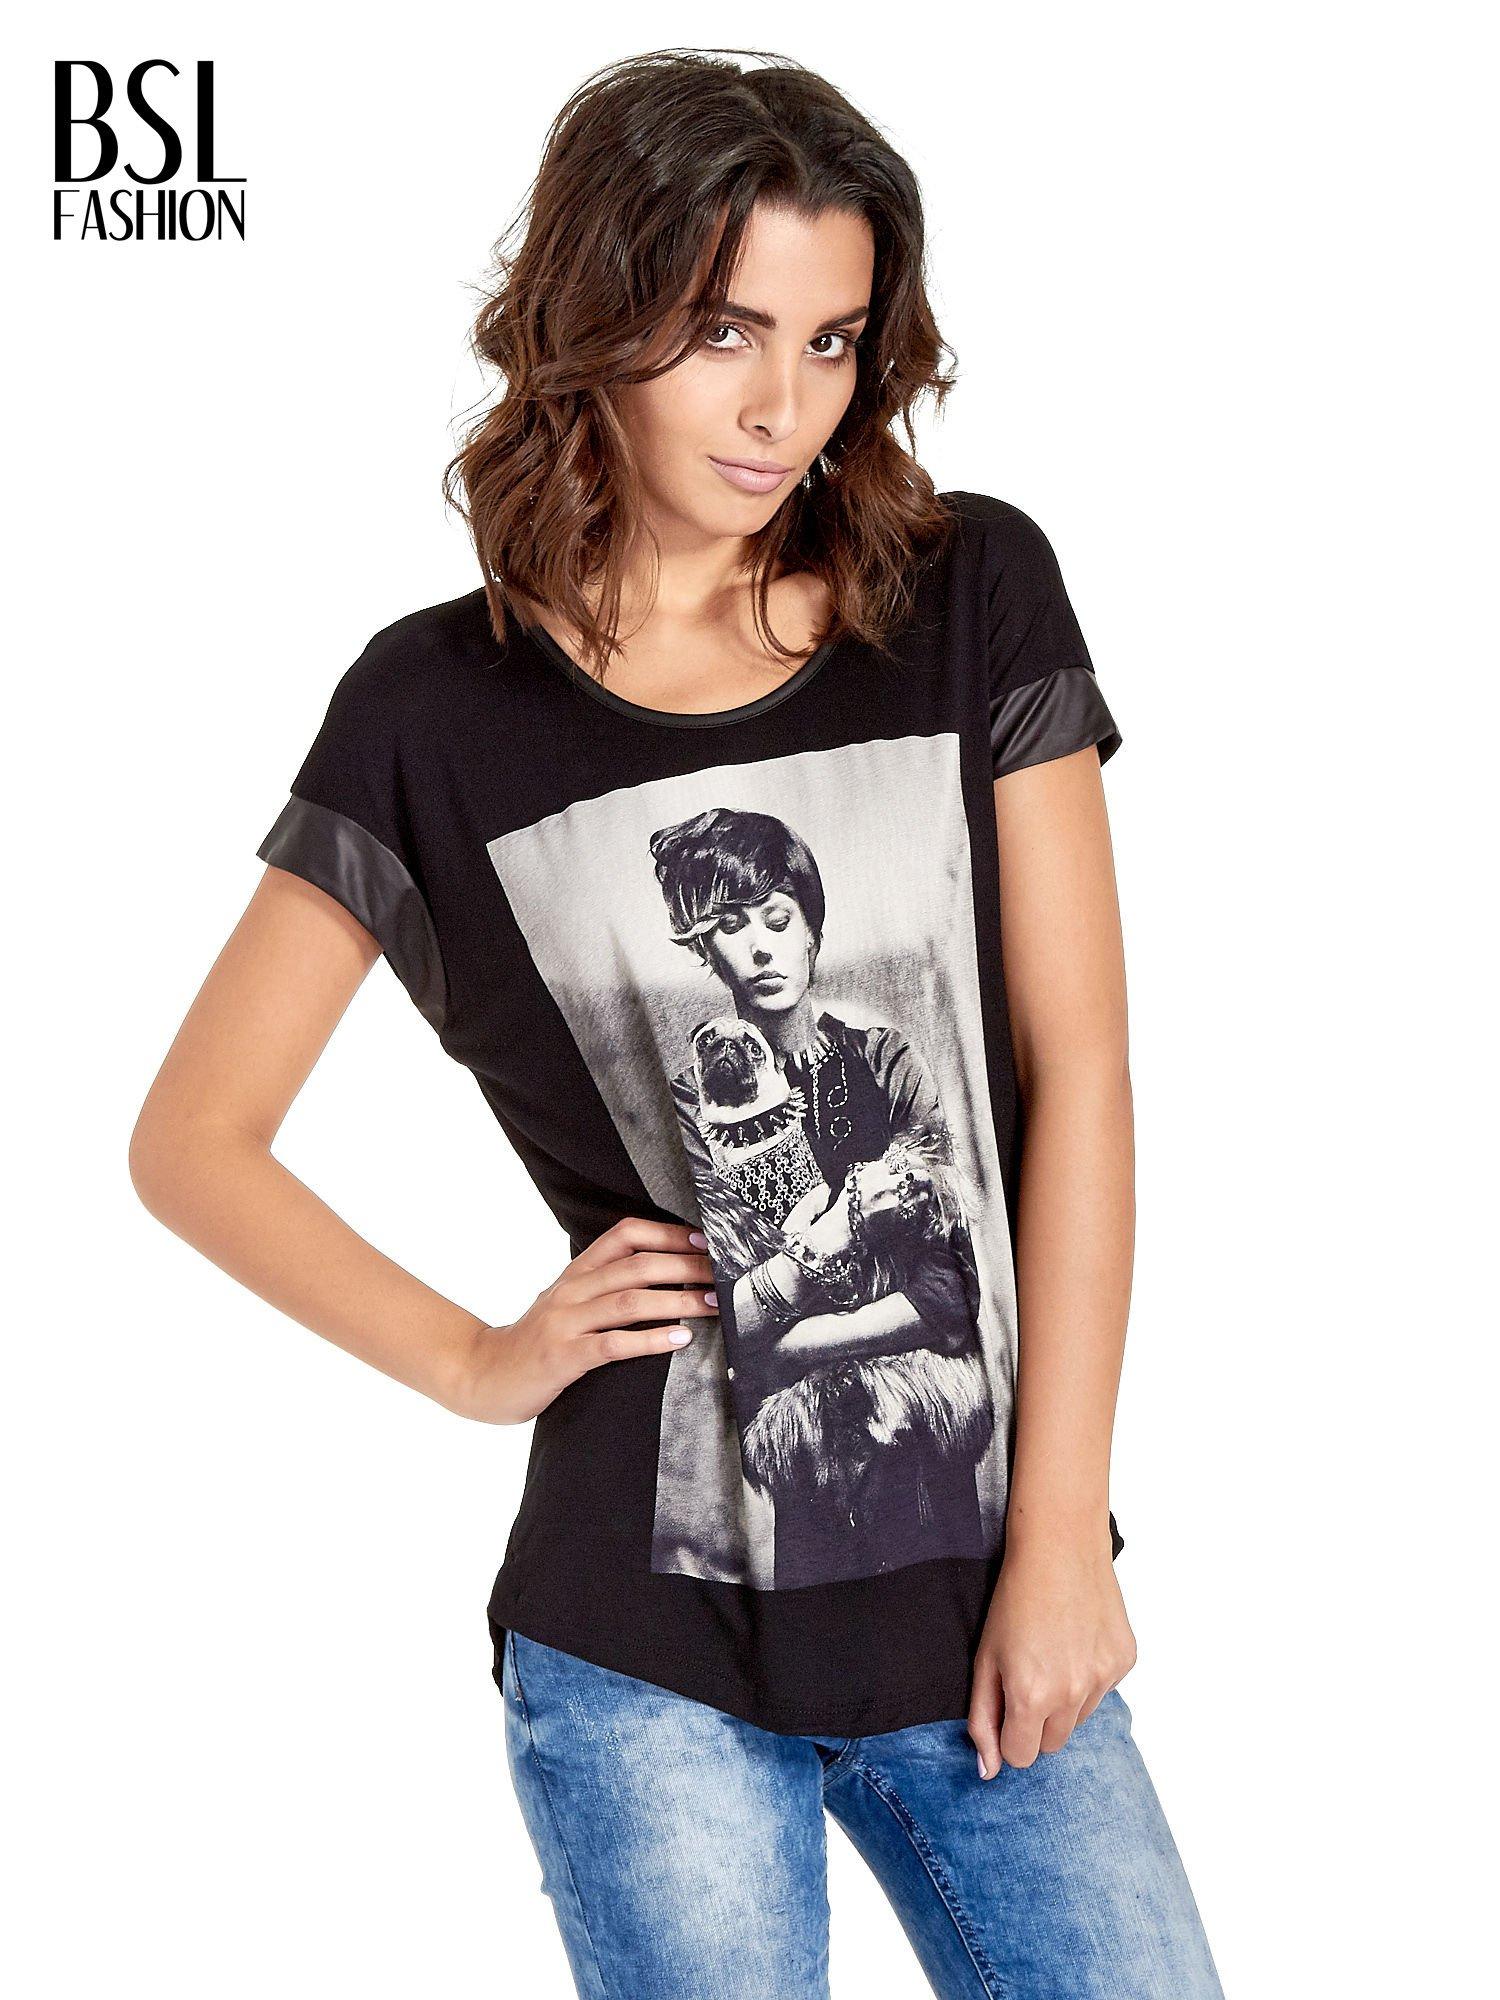 Czarny t-shirt z fotografią w stylu vintage i skórzanymi wstawkami przy rękawach                                  zdj.                                  1